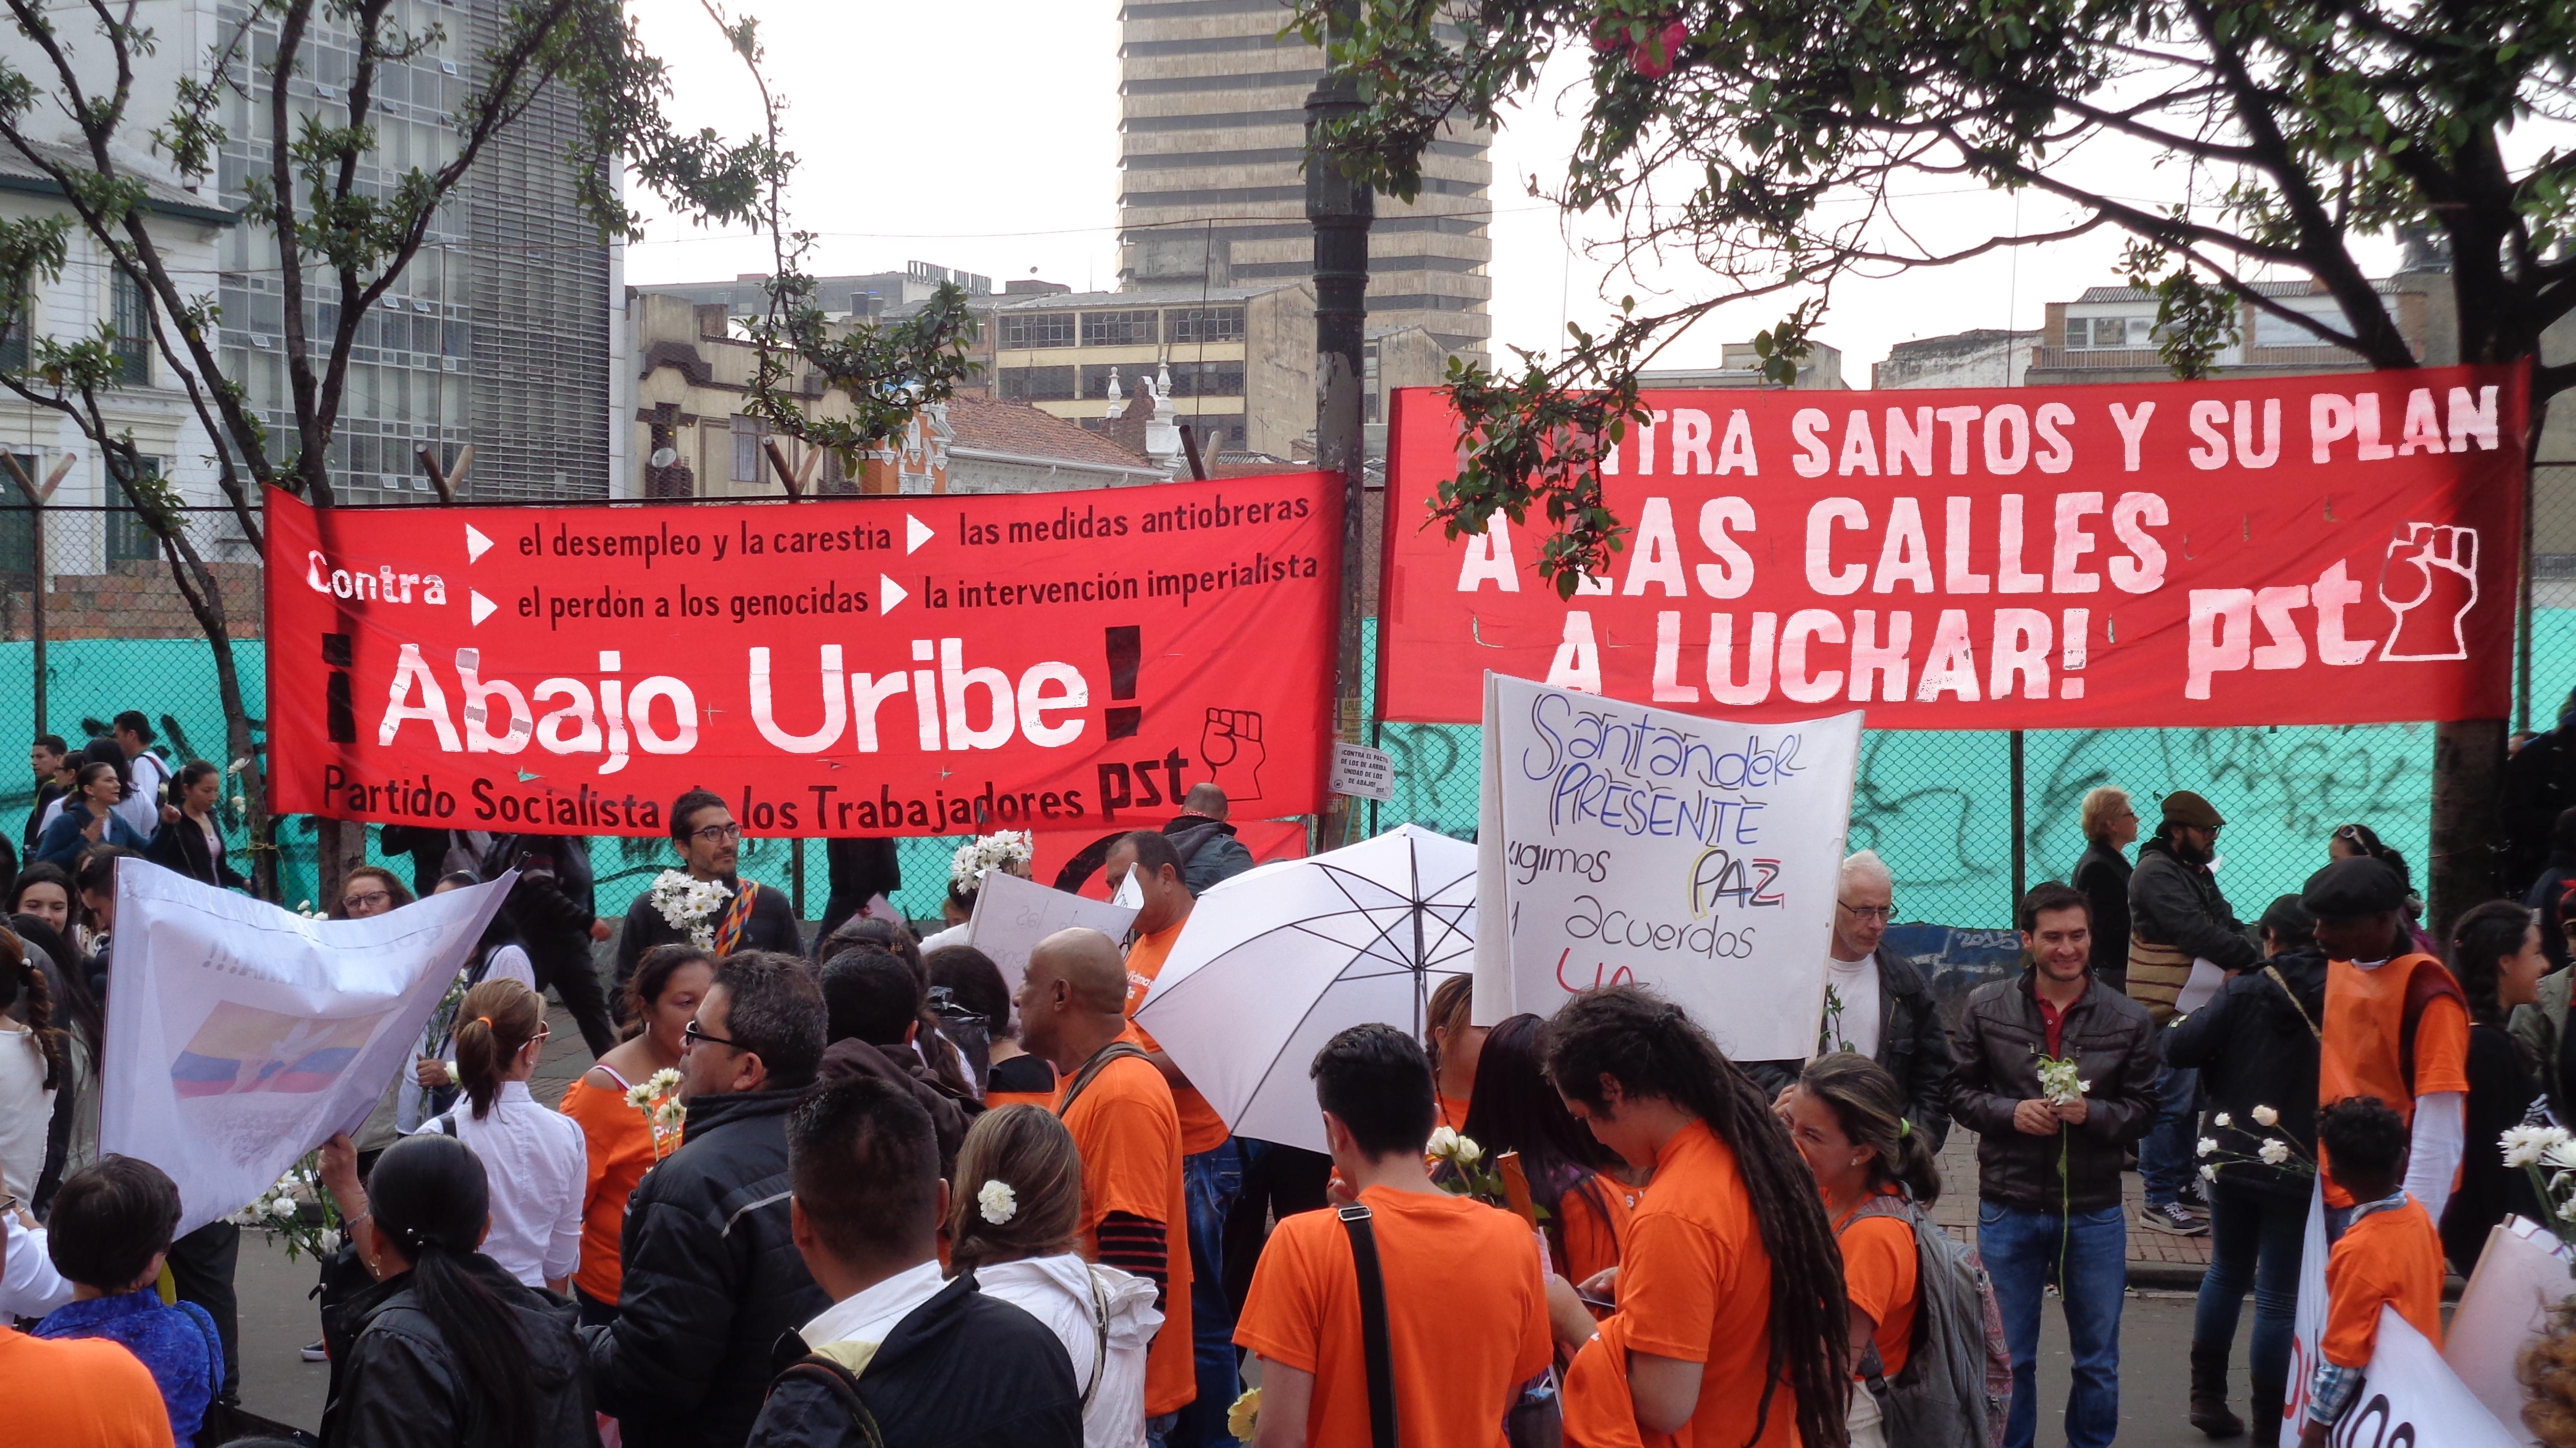 Contra el pacto de Santos Uribe Movilizaci³n y Constituyente – PST Colombia